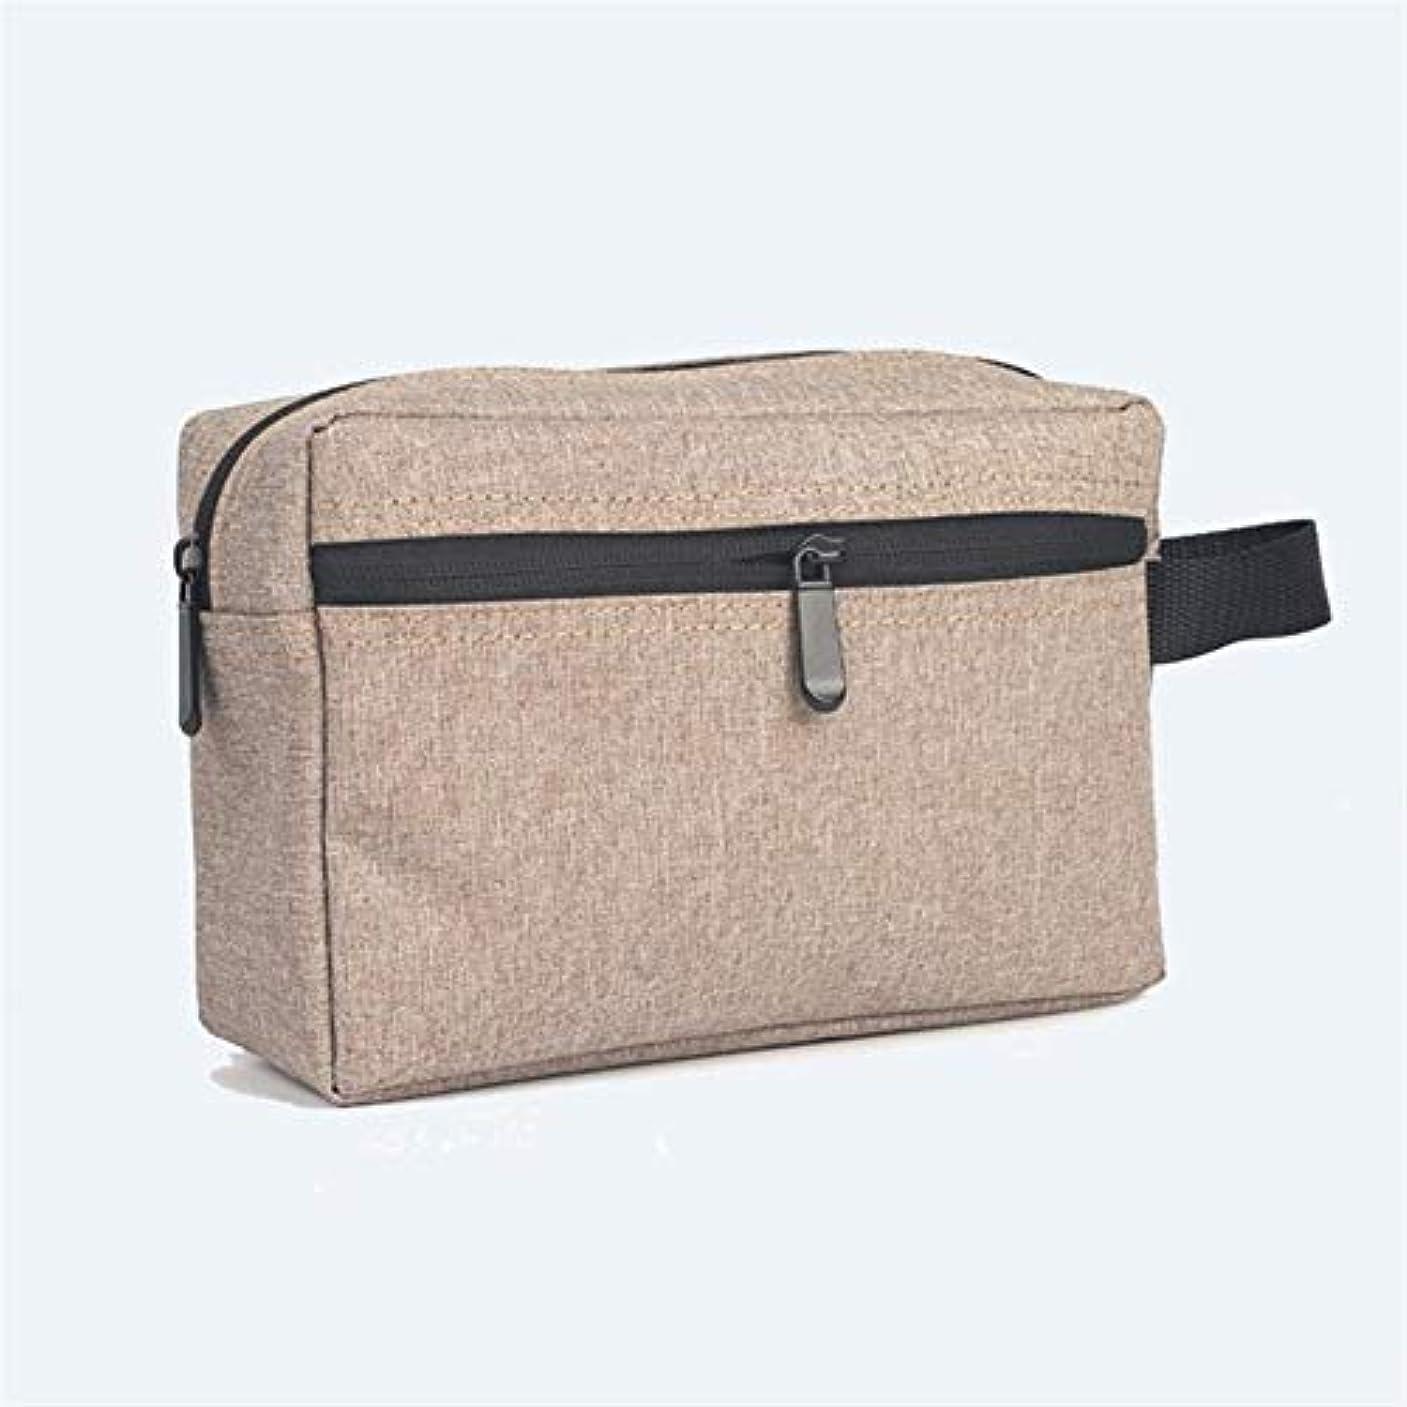 ギャラントリー破滅段落旅行化粧品バッグ、防水トイレタリーウォッシュ収納ハンドバッグ paioupaiou (Color : Khaki)